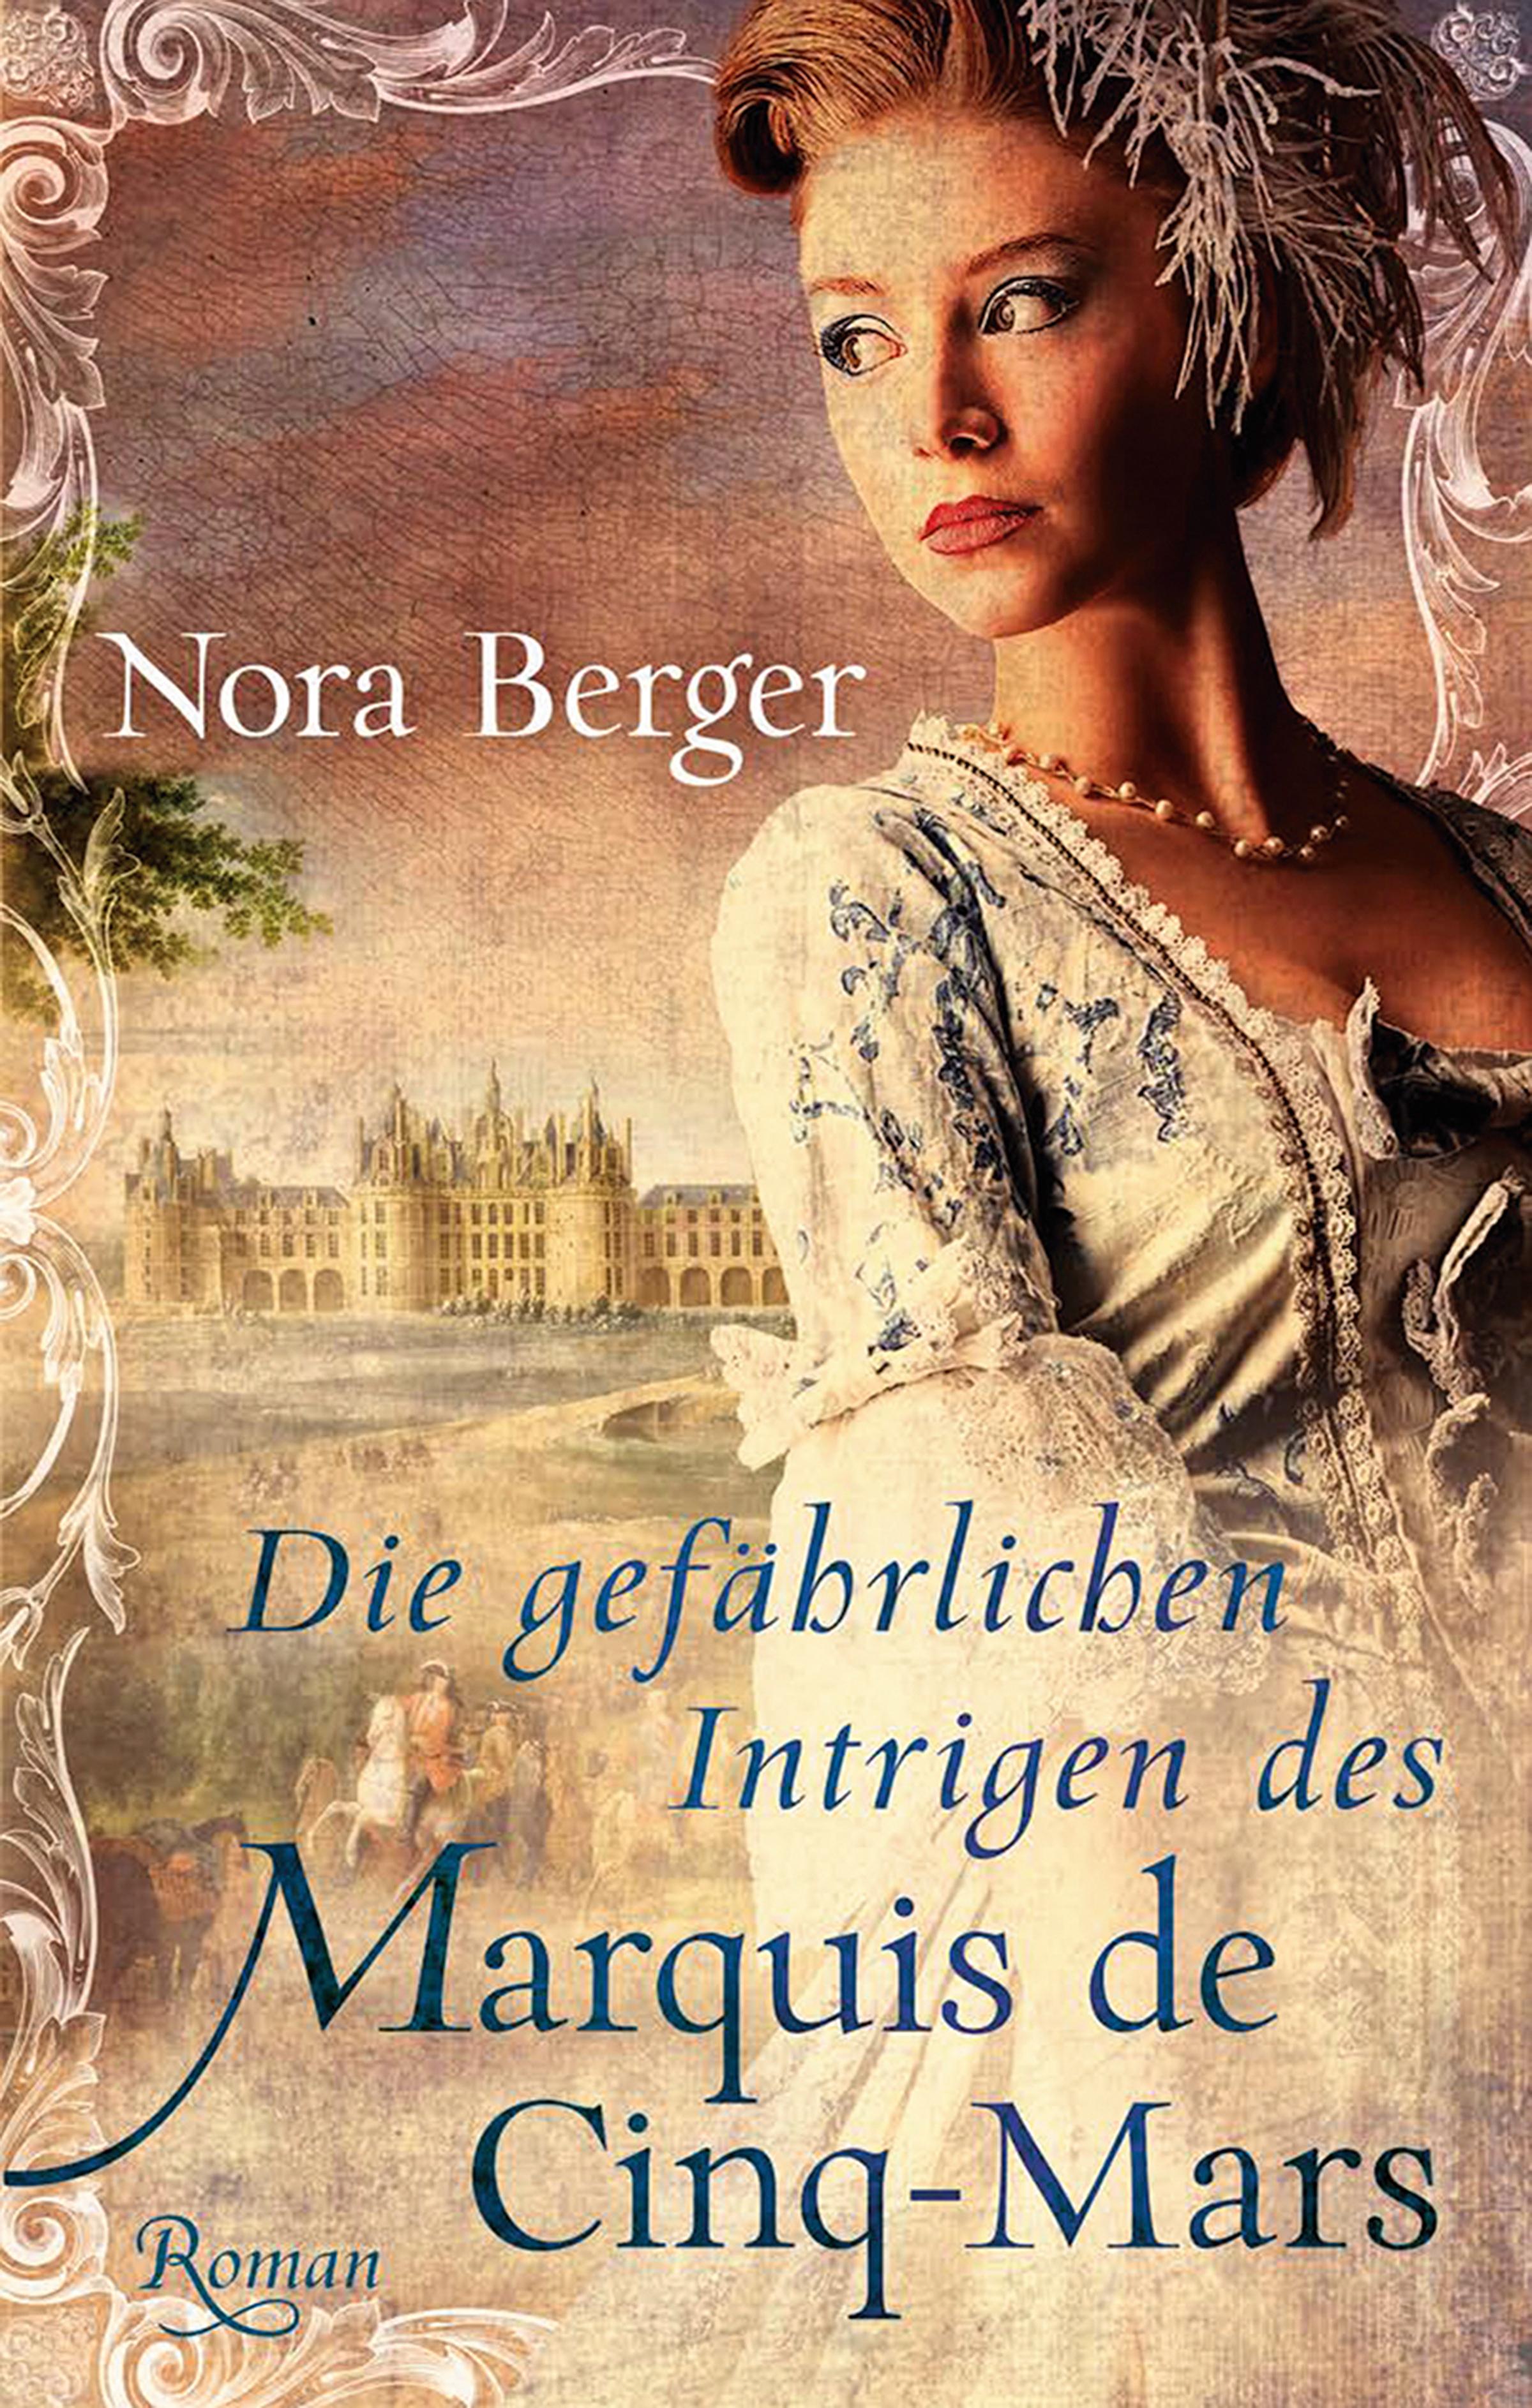 Nora Berger Die gefährlichen Intrigen des Marquis de Cinq-Mars